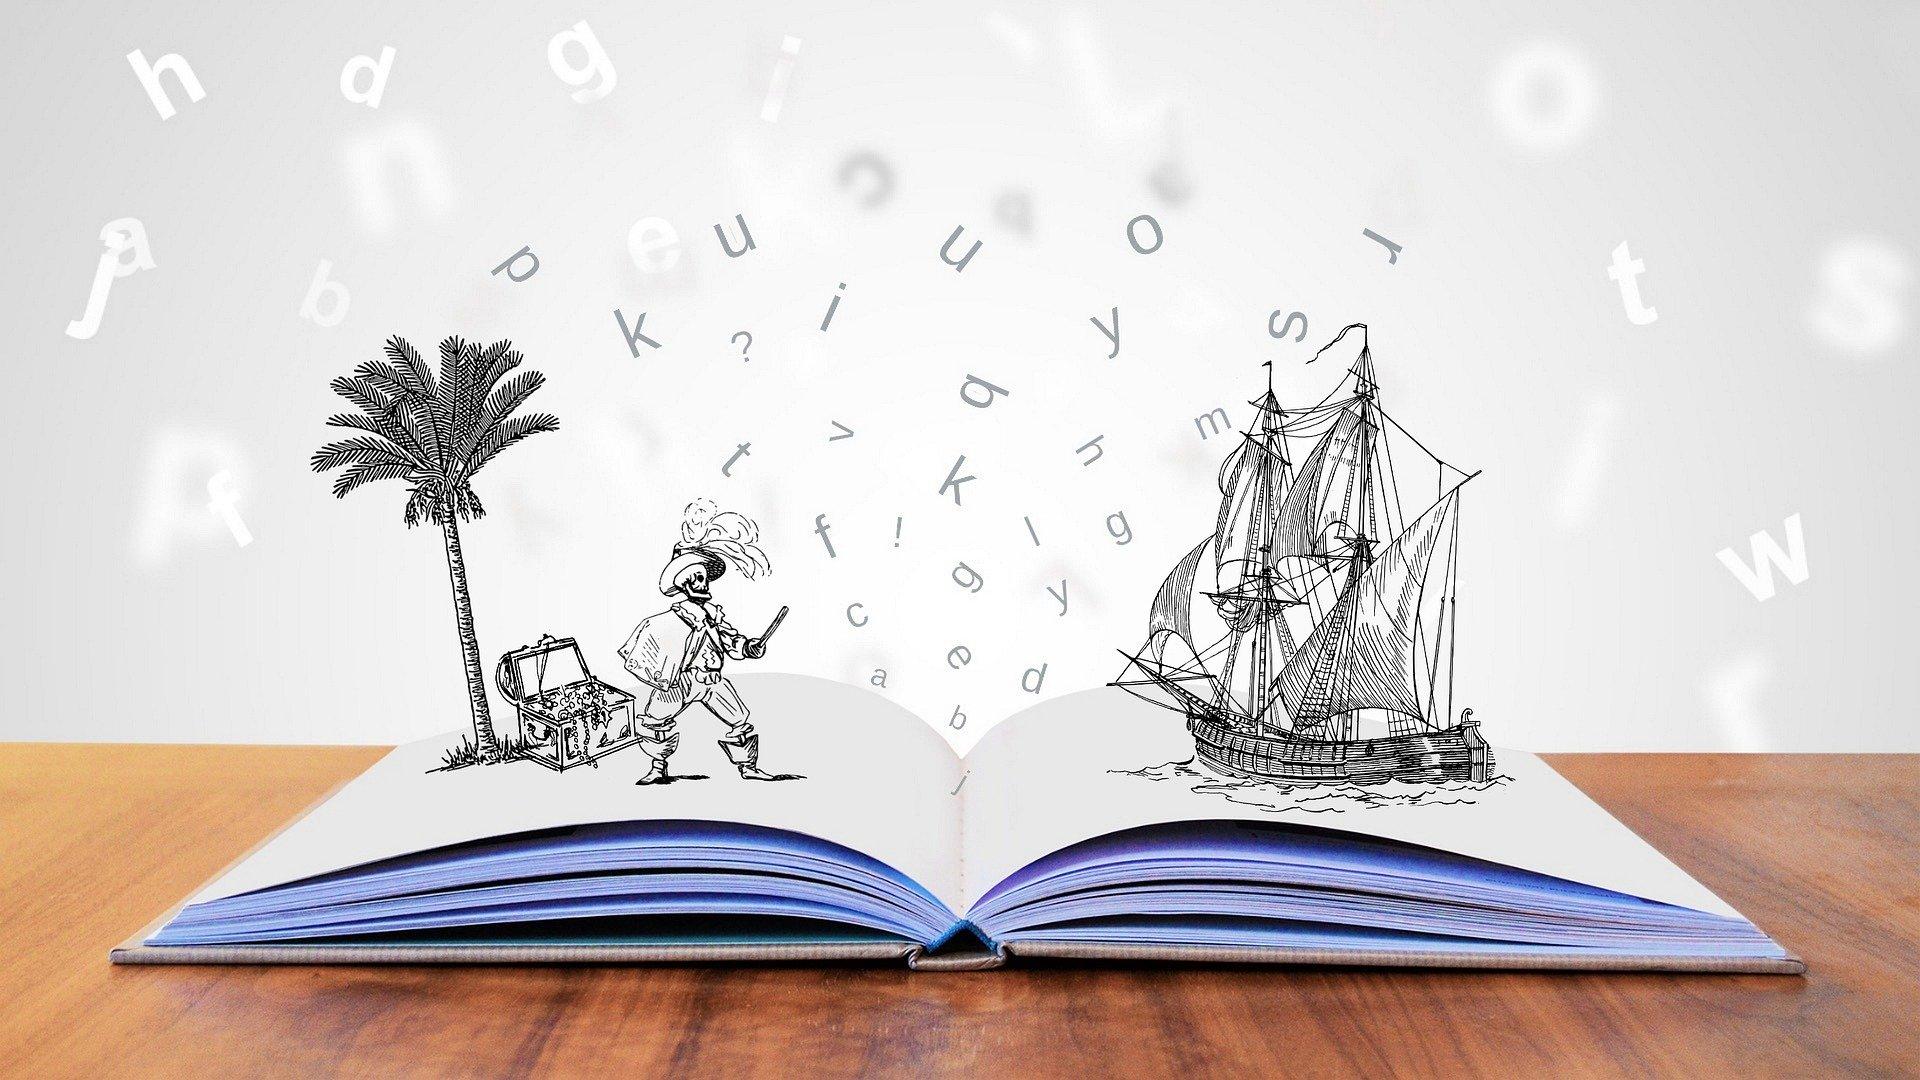 Exploring Curriculum Resources - Story Sacks